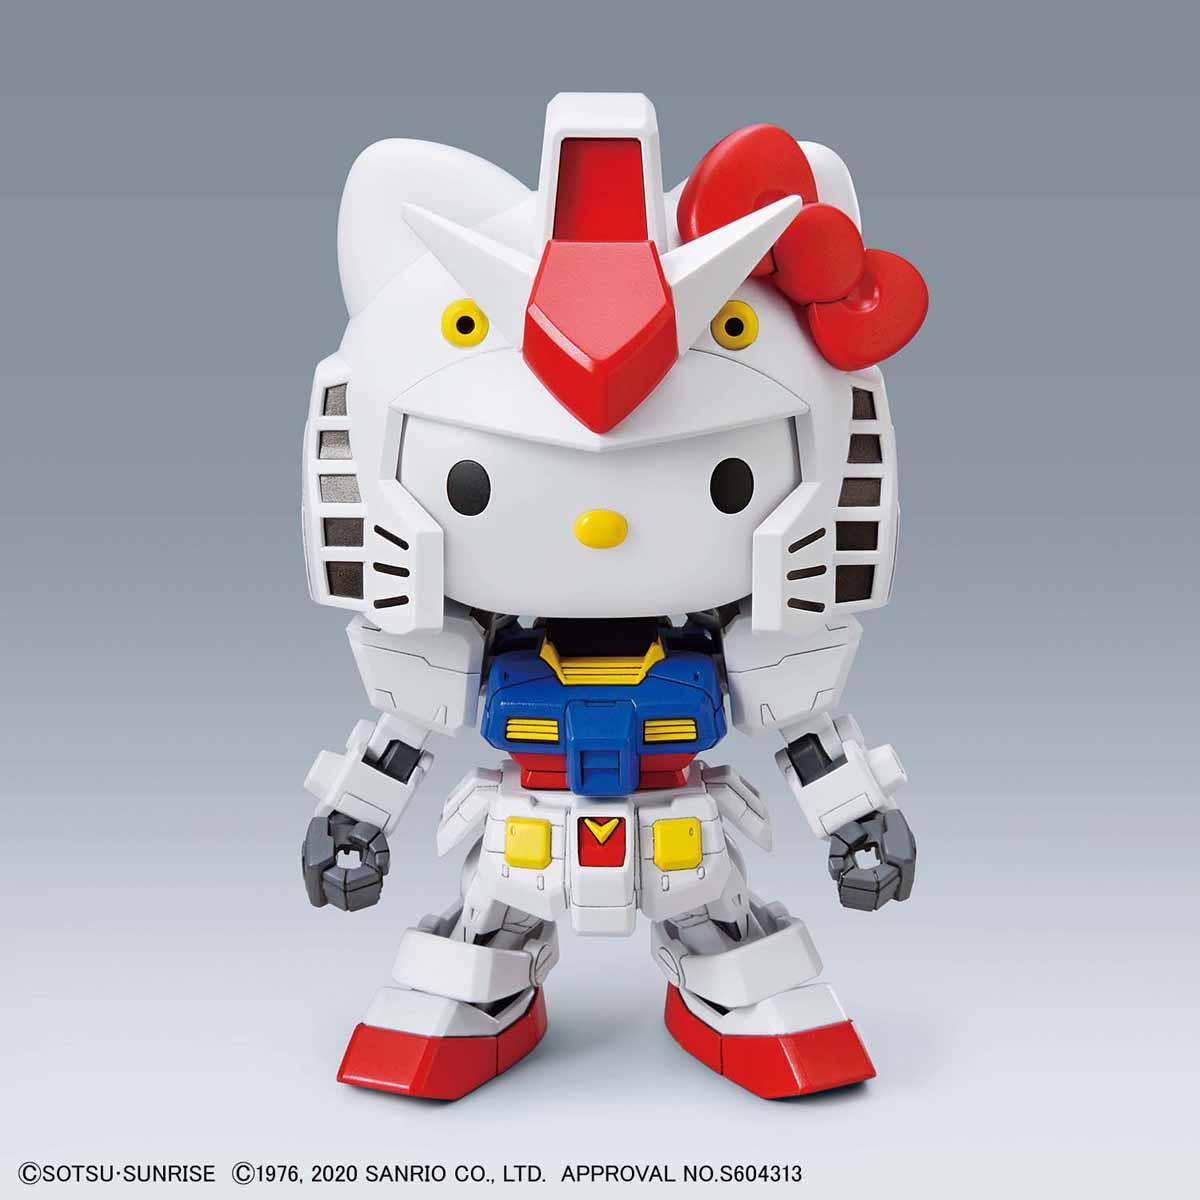 【再販】SDエクスタンダード『ハローキティ / RX-78-2 ガンダム[SD EX-STANDARD]』プラモデル-008